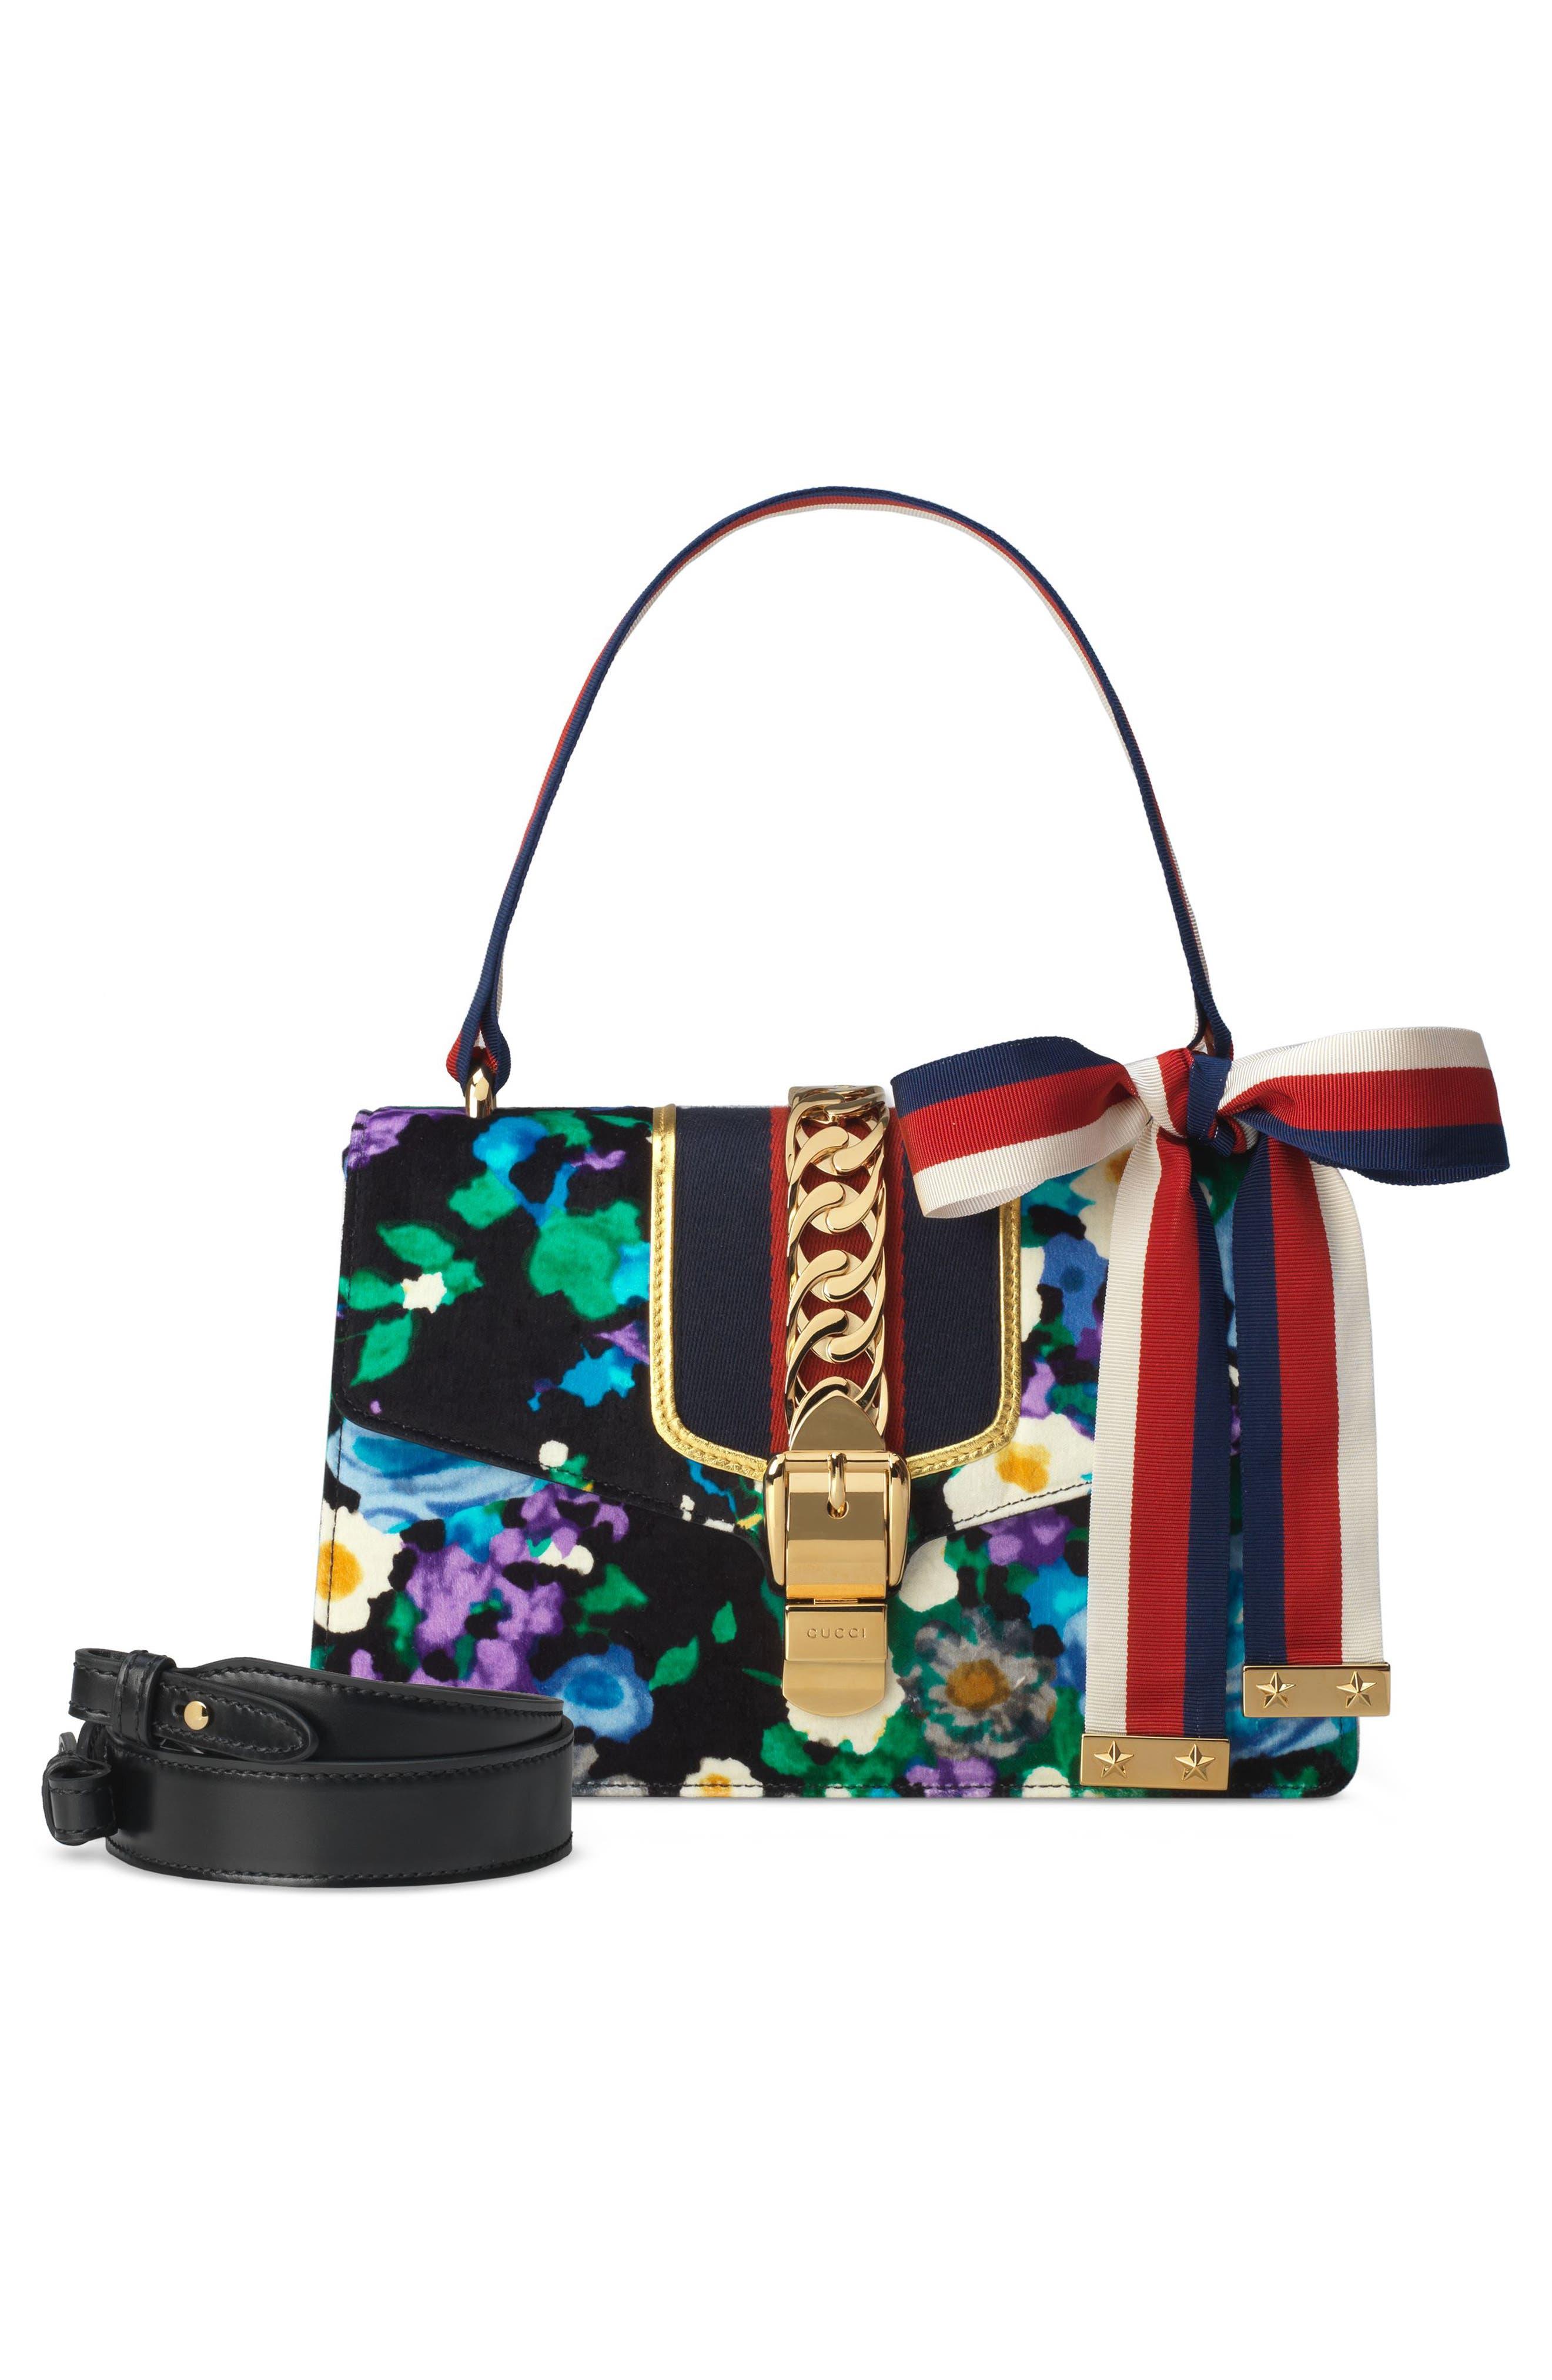 Small Floral Print Leather Shoulder Bag,                             Alternate thumbnail 5, color,                             Black/ Blue Red Blue